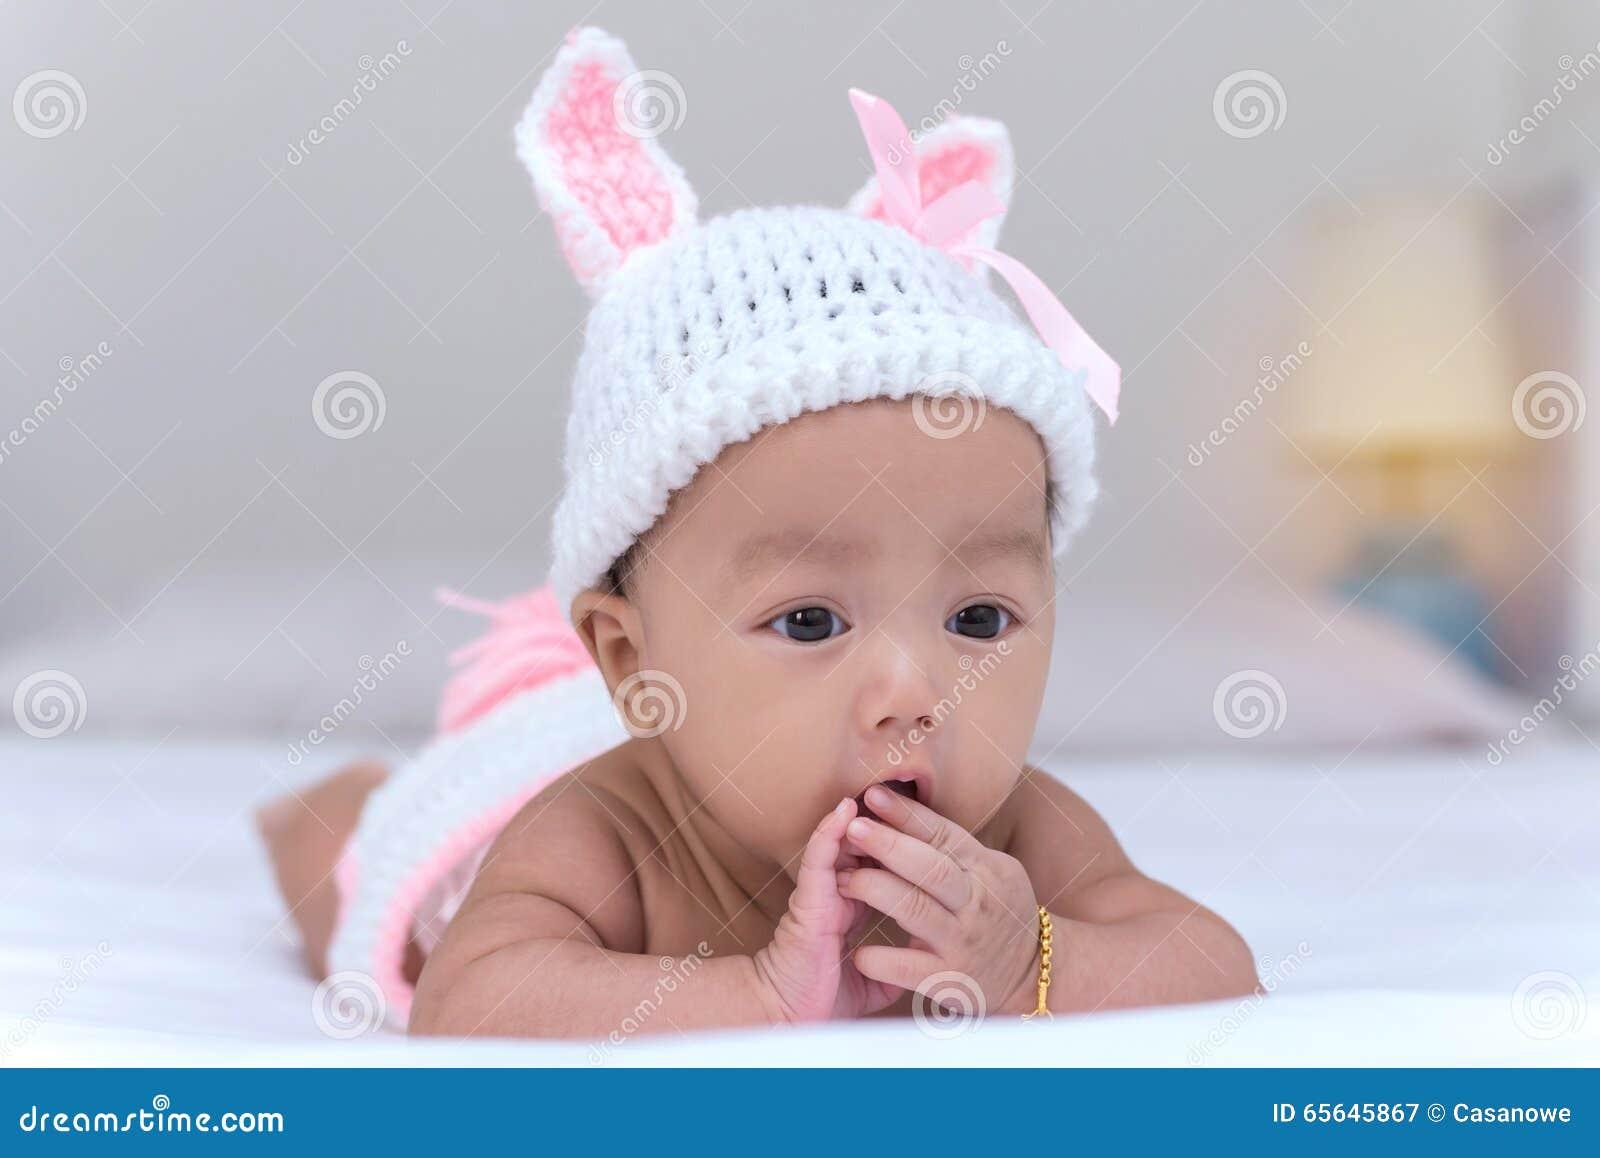 Portrait de bébé nouveau-né mignon sur le lit